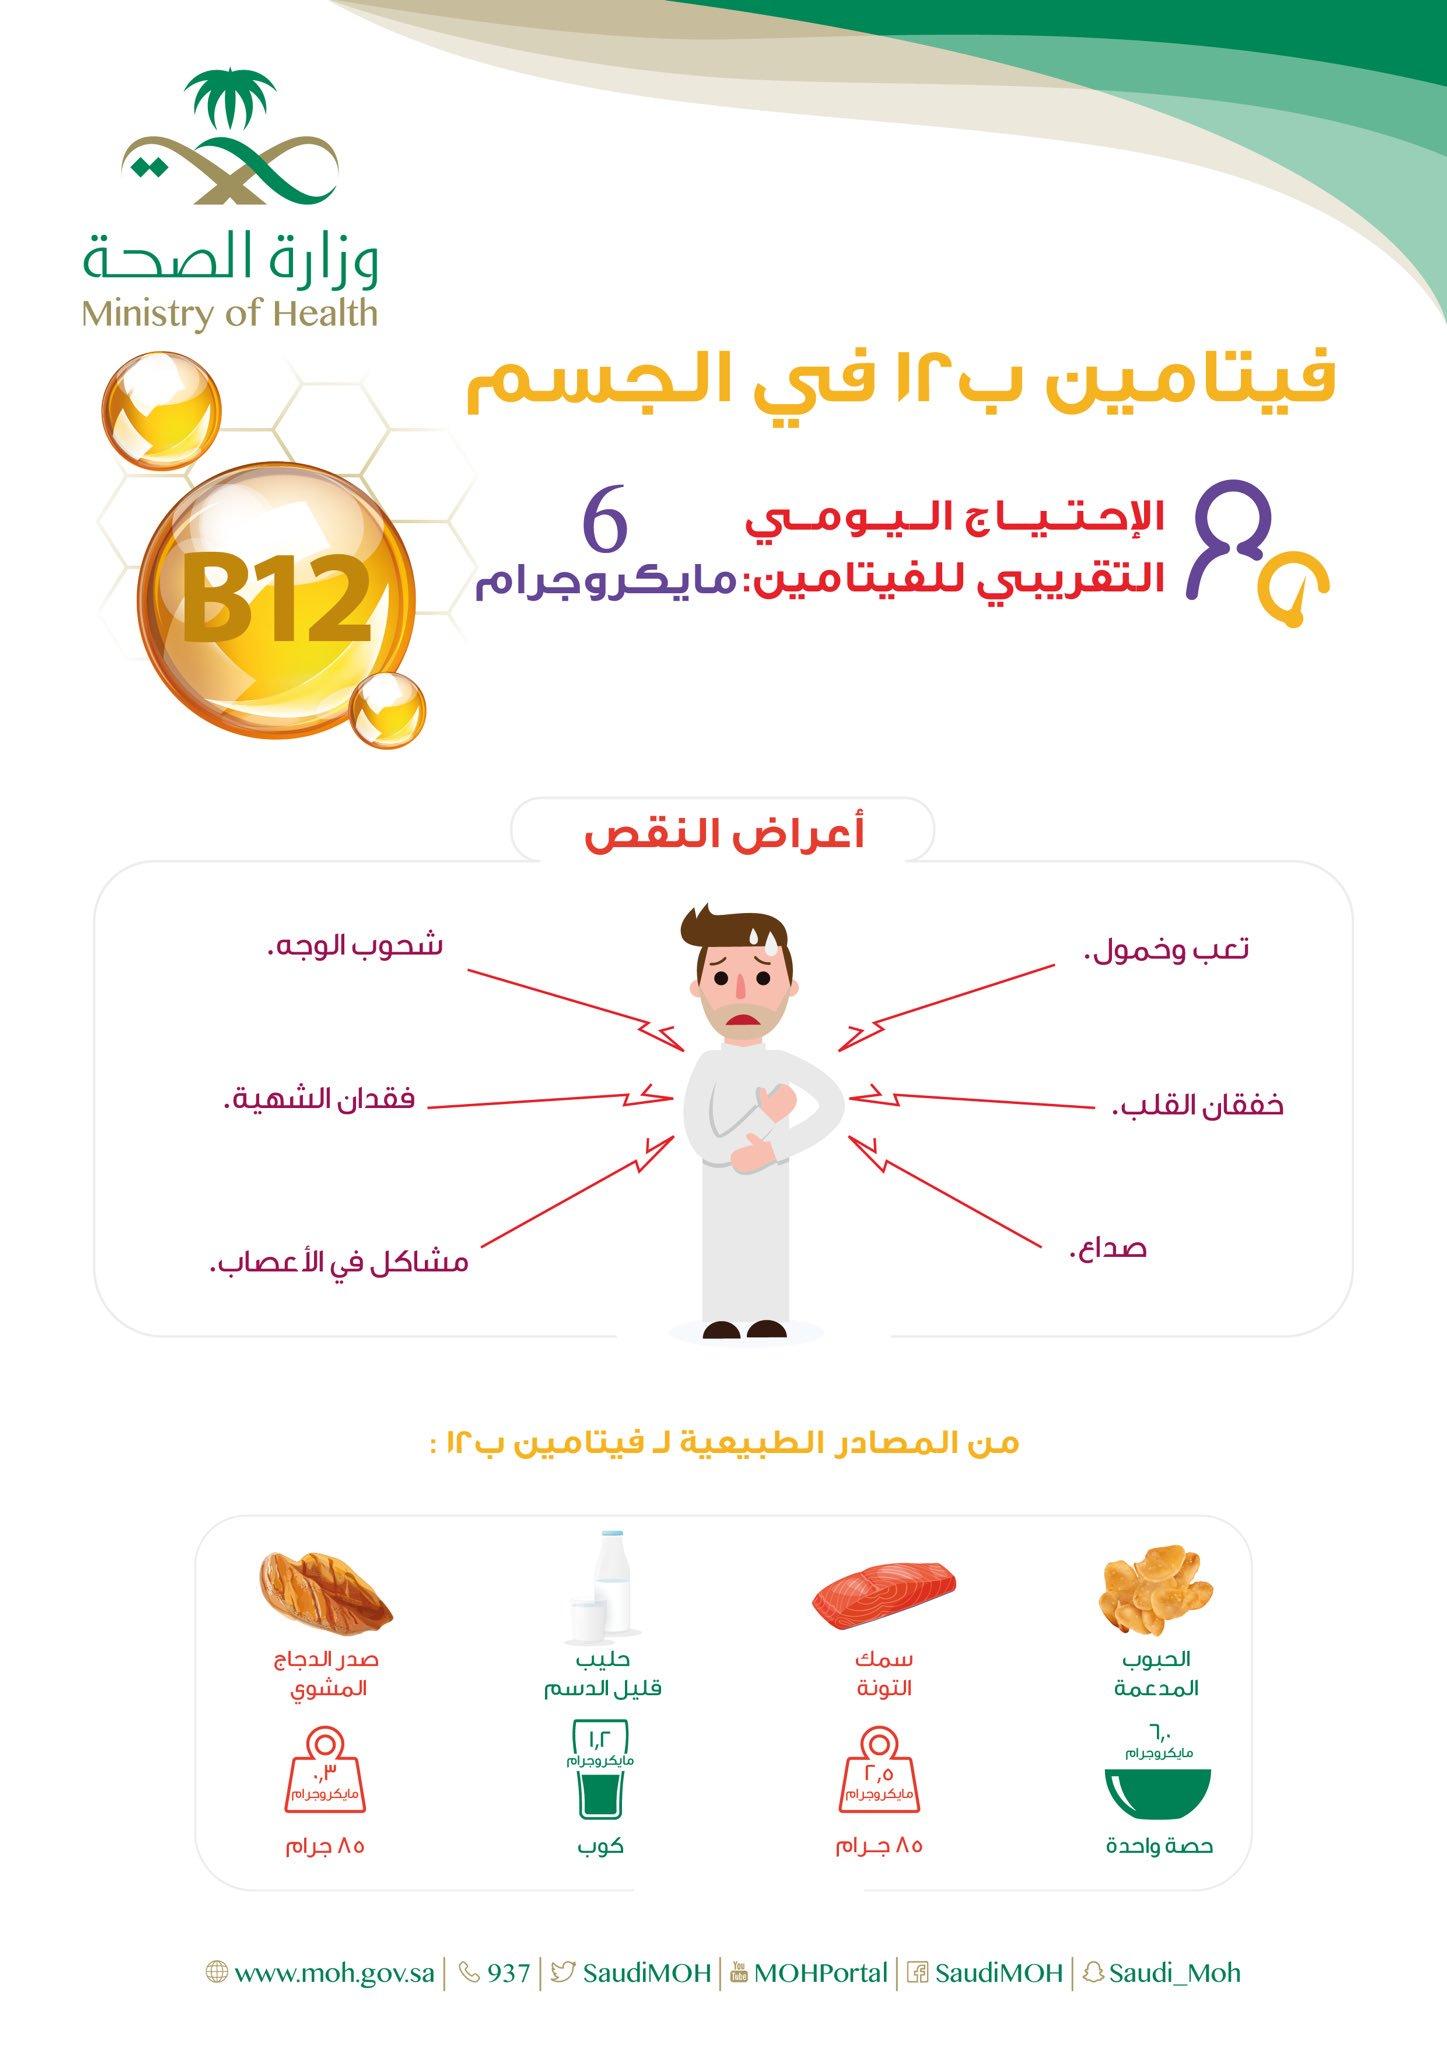 و ز ا ر ة ا لـ صـ حـ ة السعودية On Twitter تساهم فيتامينات ب المركبة ب٦و ب١٢ في إنتاج خلايا الدم الحمراء والمحافظة على صحة الجهاز العصبي